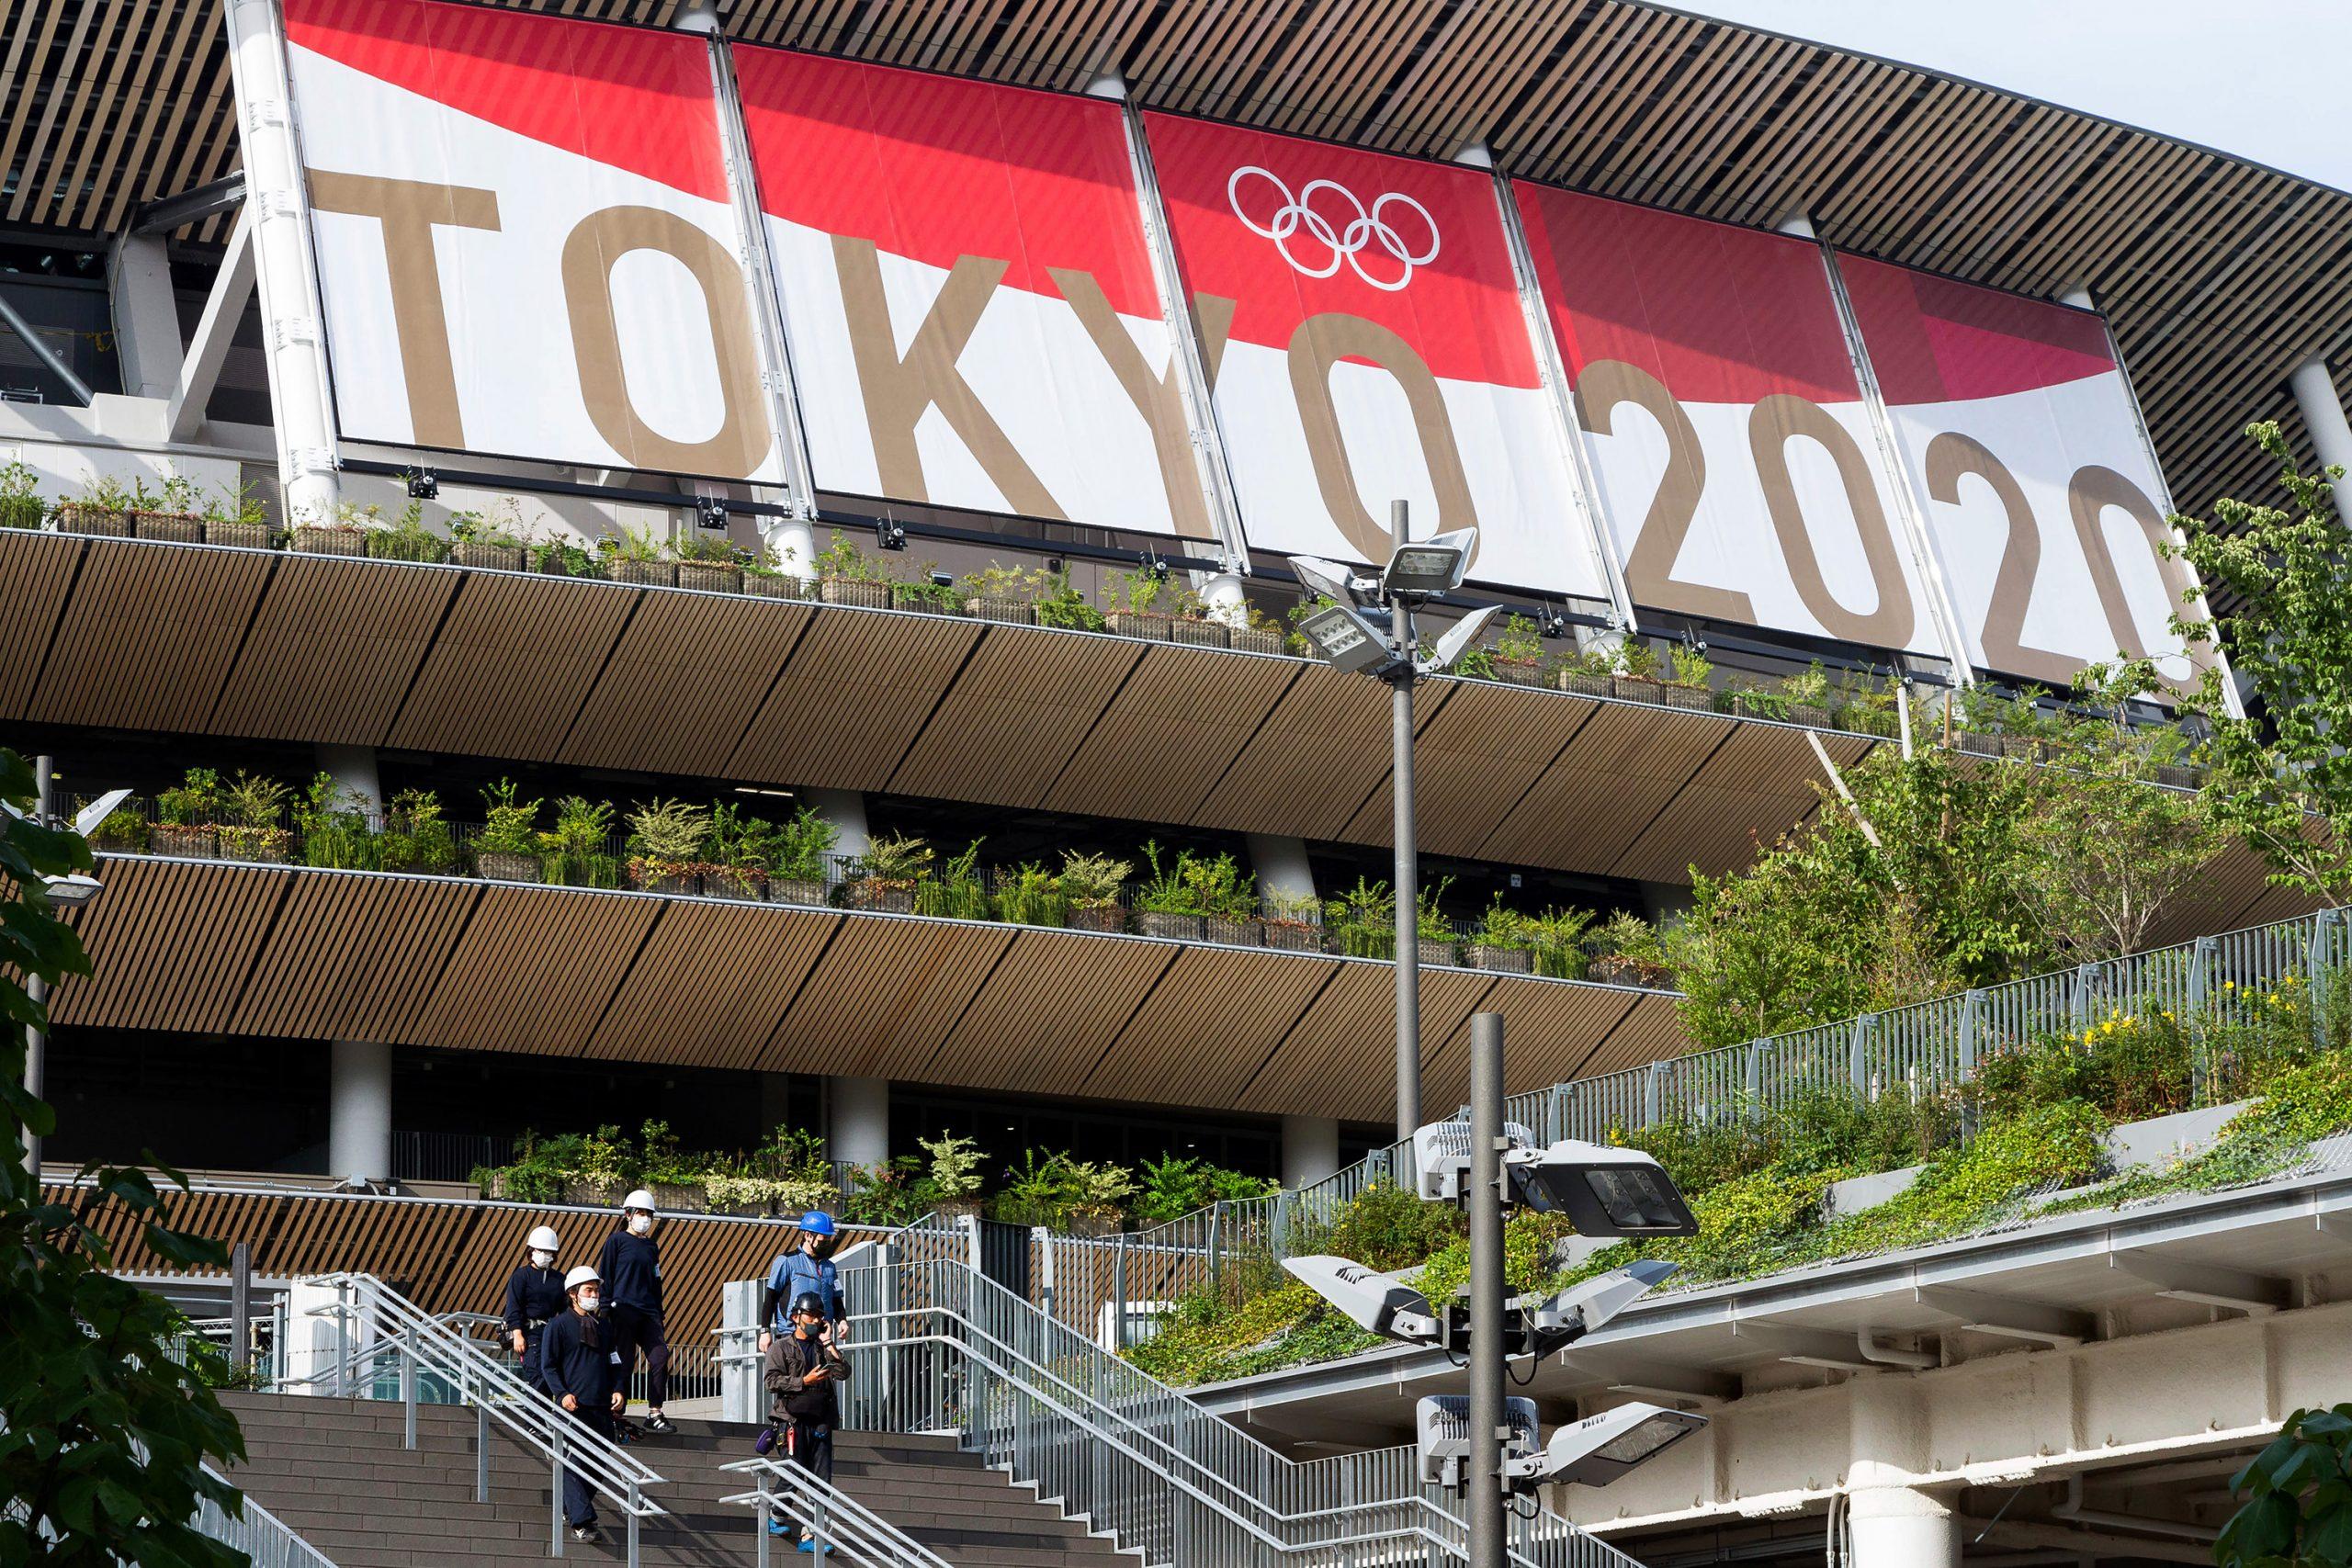 パンデミック下での異例の開催、東京オリンピックは大きな賭け